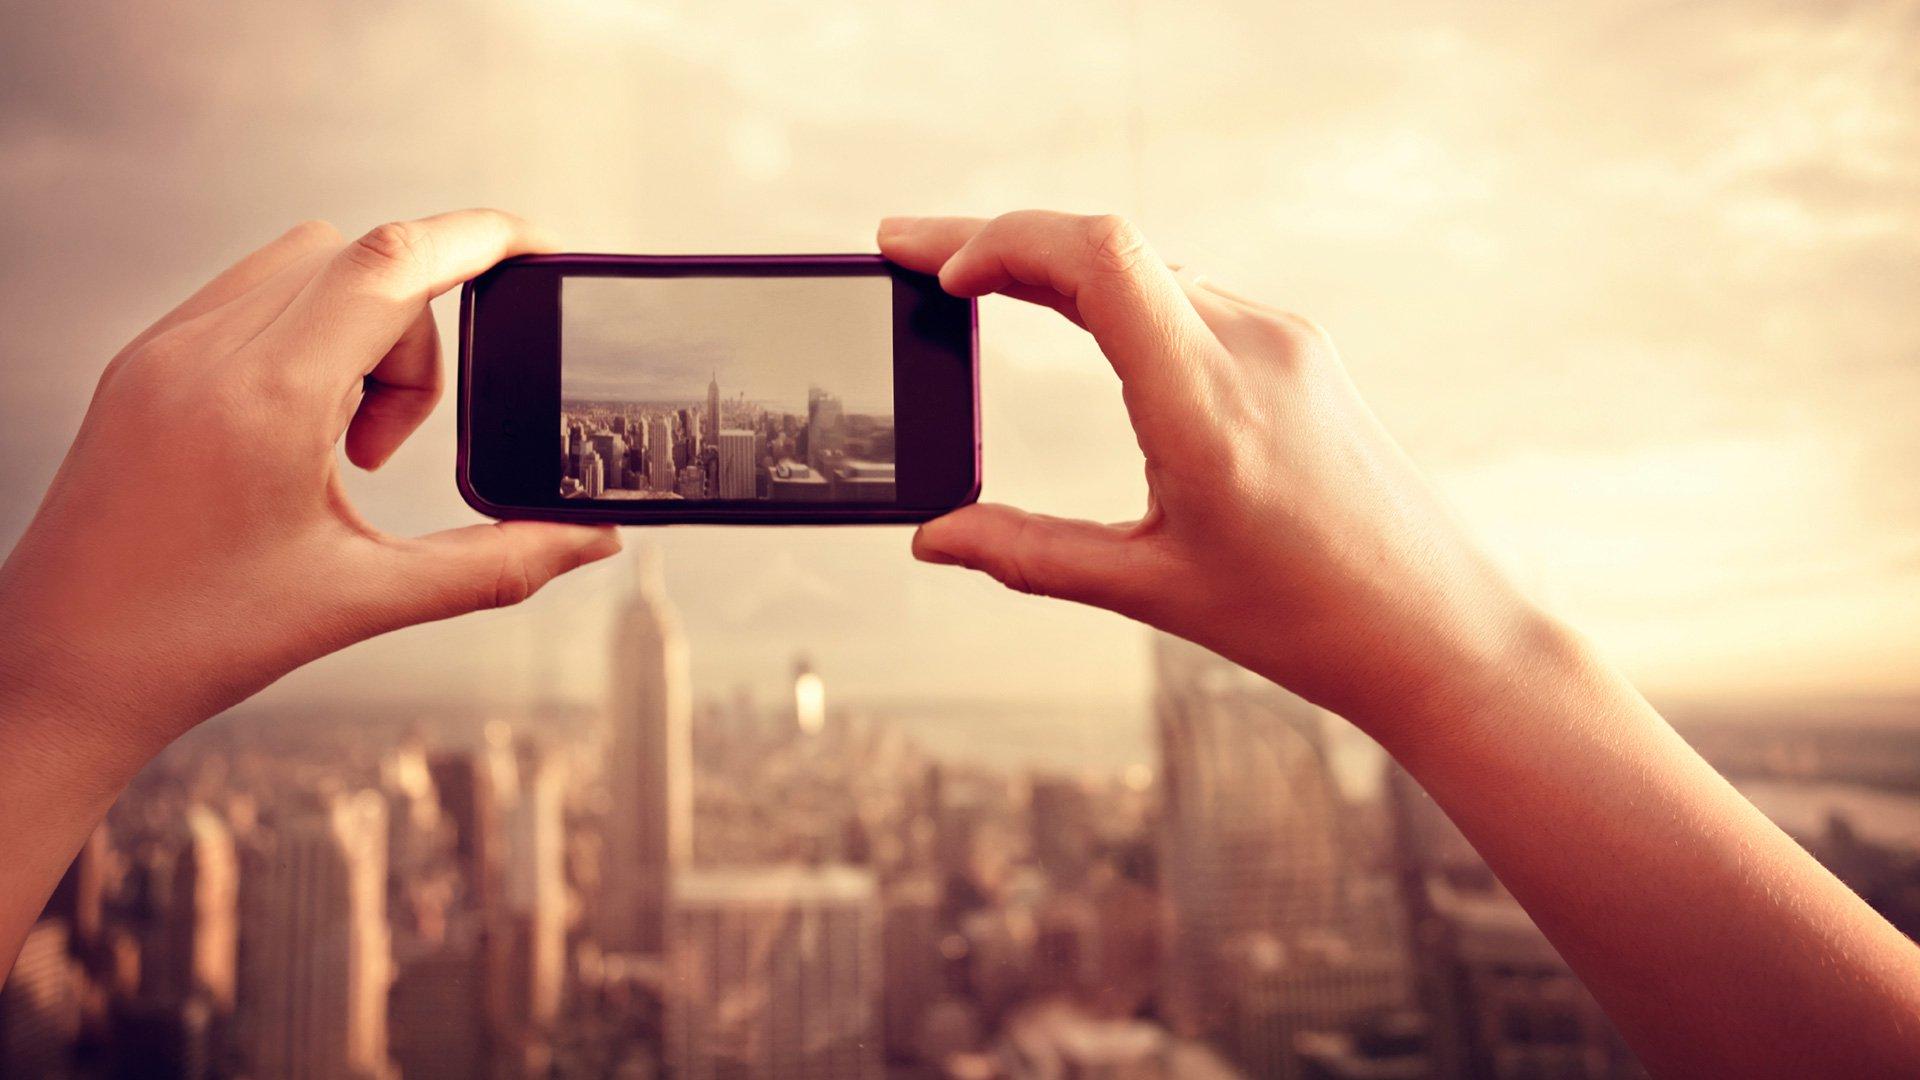 Ζητούνται άτομα να κάνουν διακοπές και να ανεβάζουν 3 φωτογραφίες στο Instagram – Μισθός 60.000€ το χρόνο